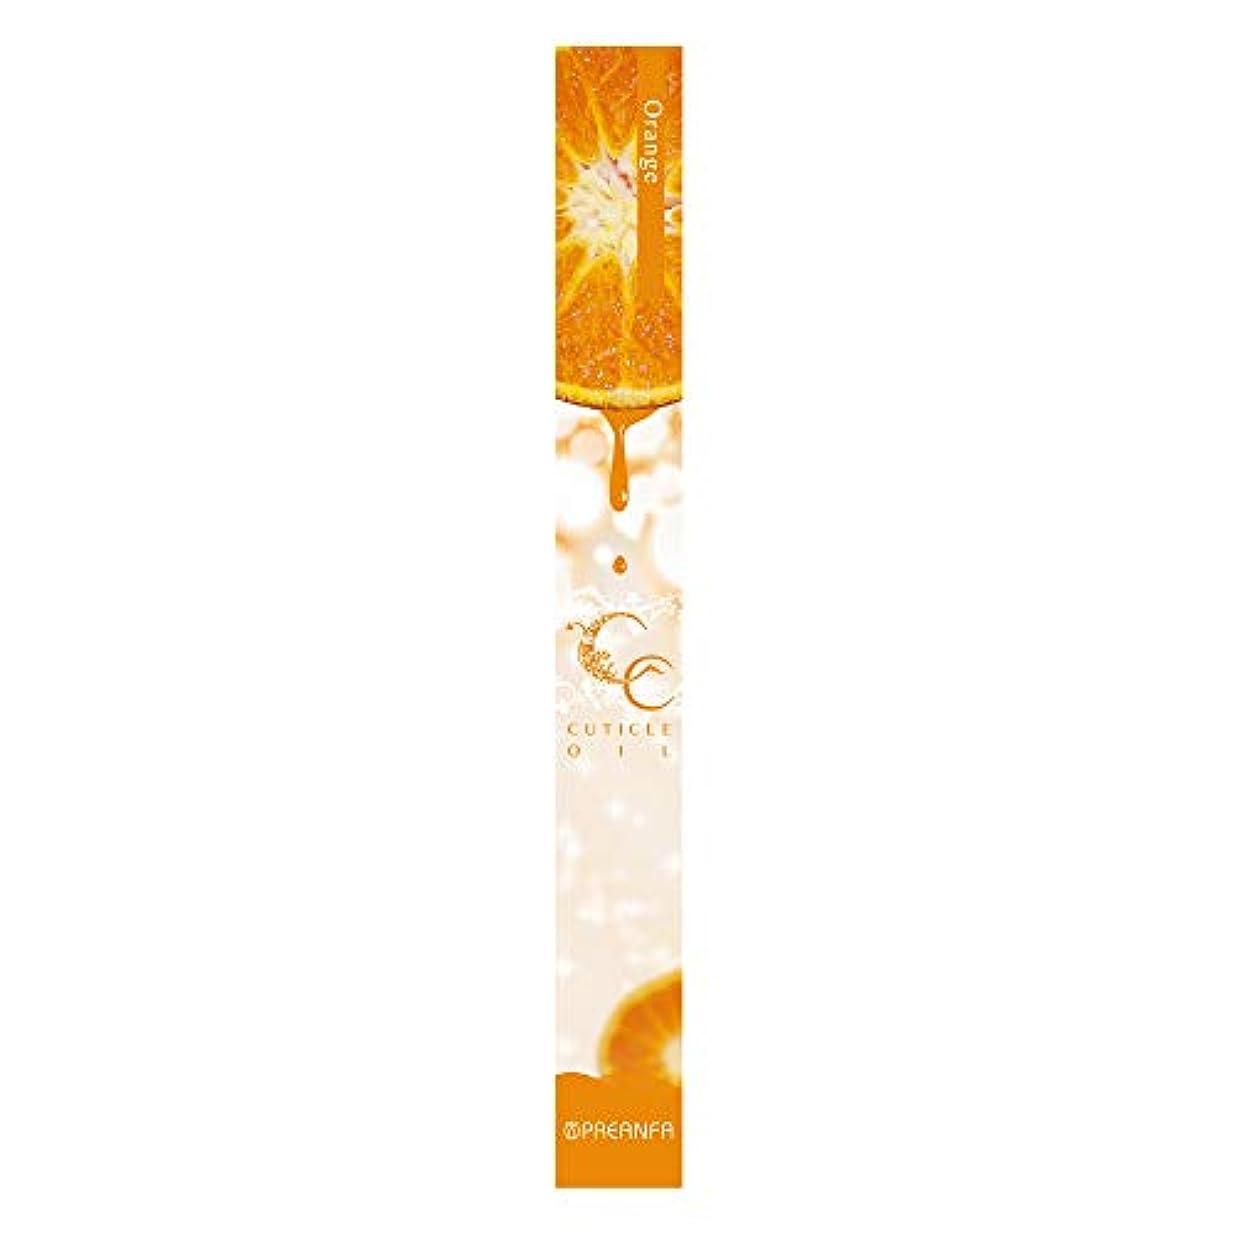 横向き生理広まったプリジェル 甘皮ケア CCキューティクルオイル オレンジ 4.5g 保湿オイル ペンタイプ